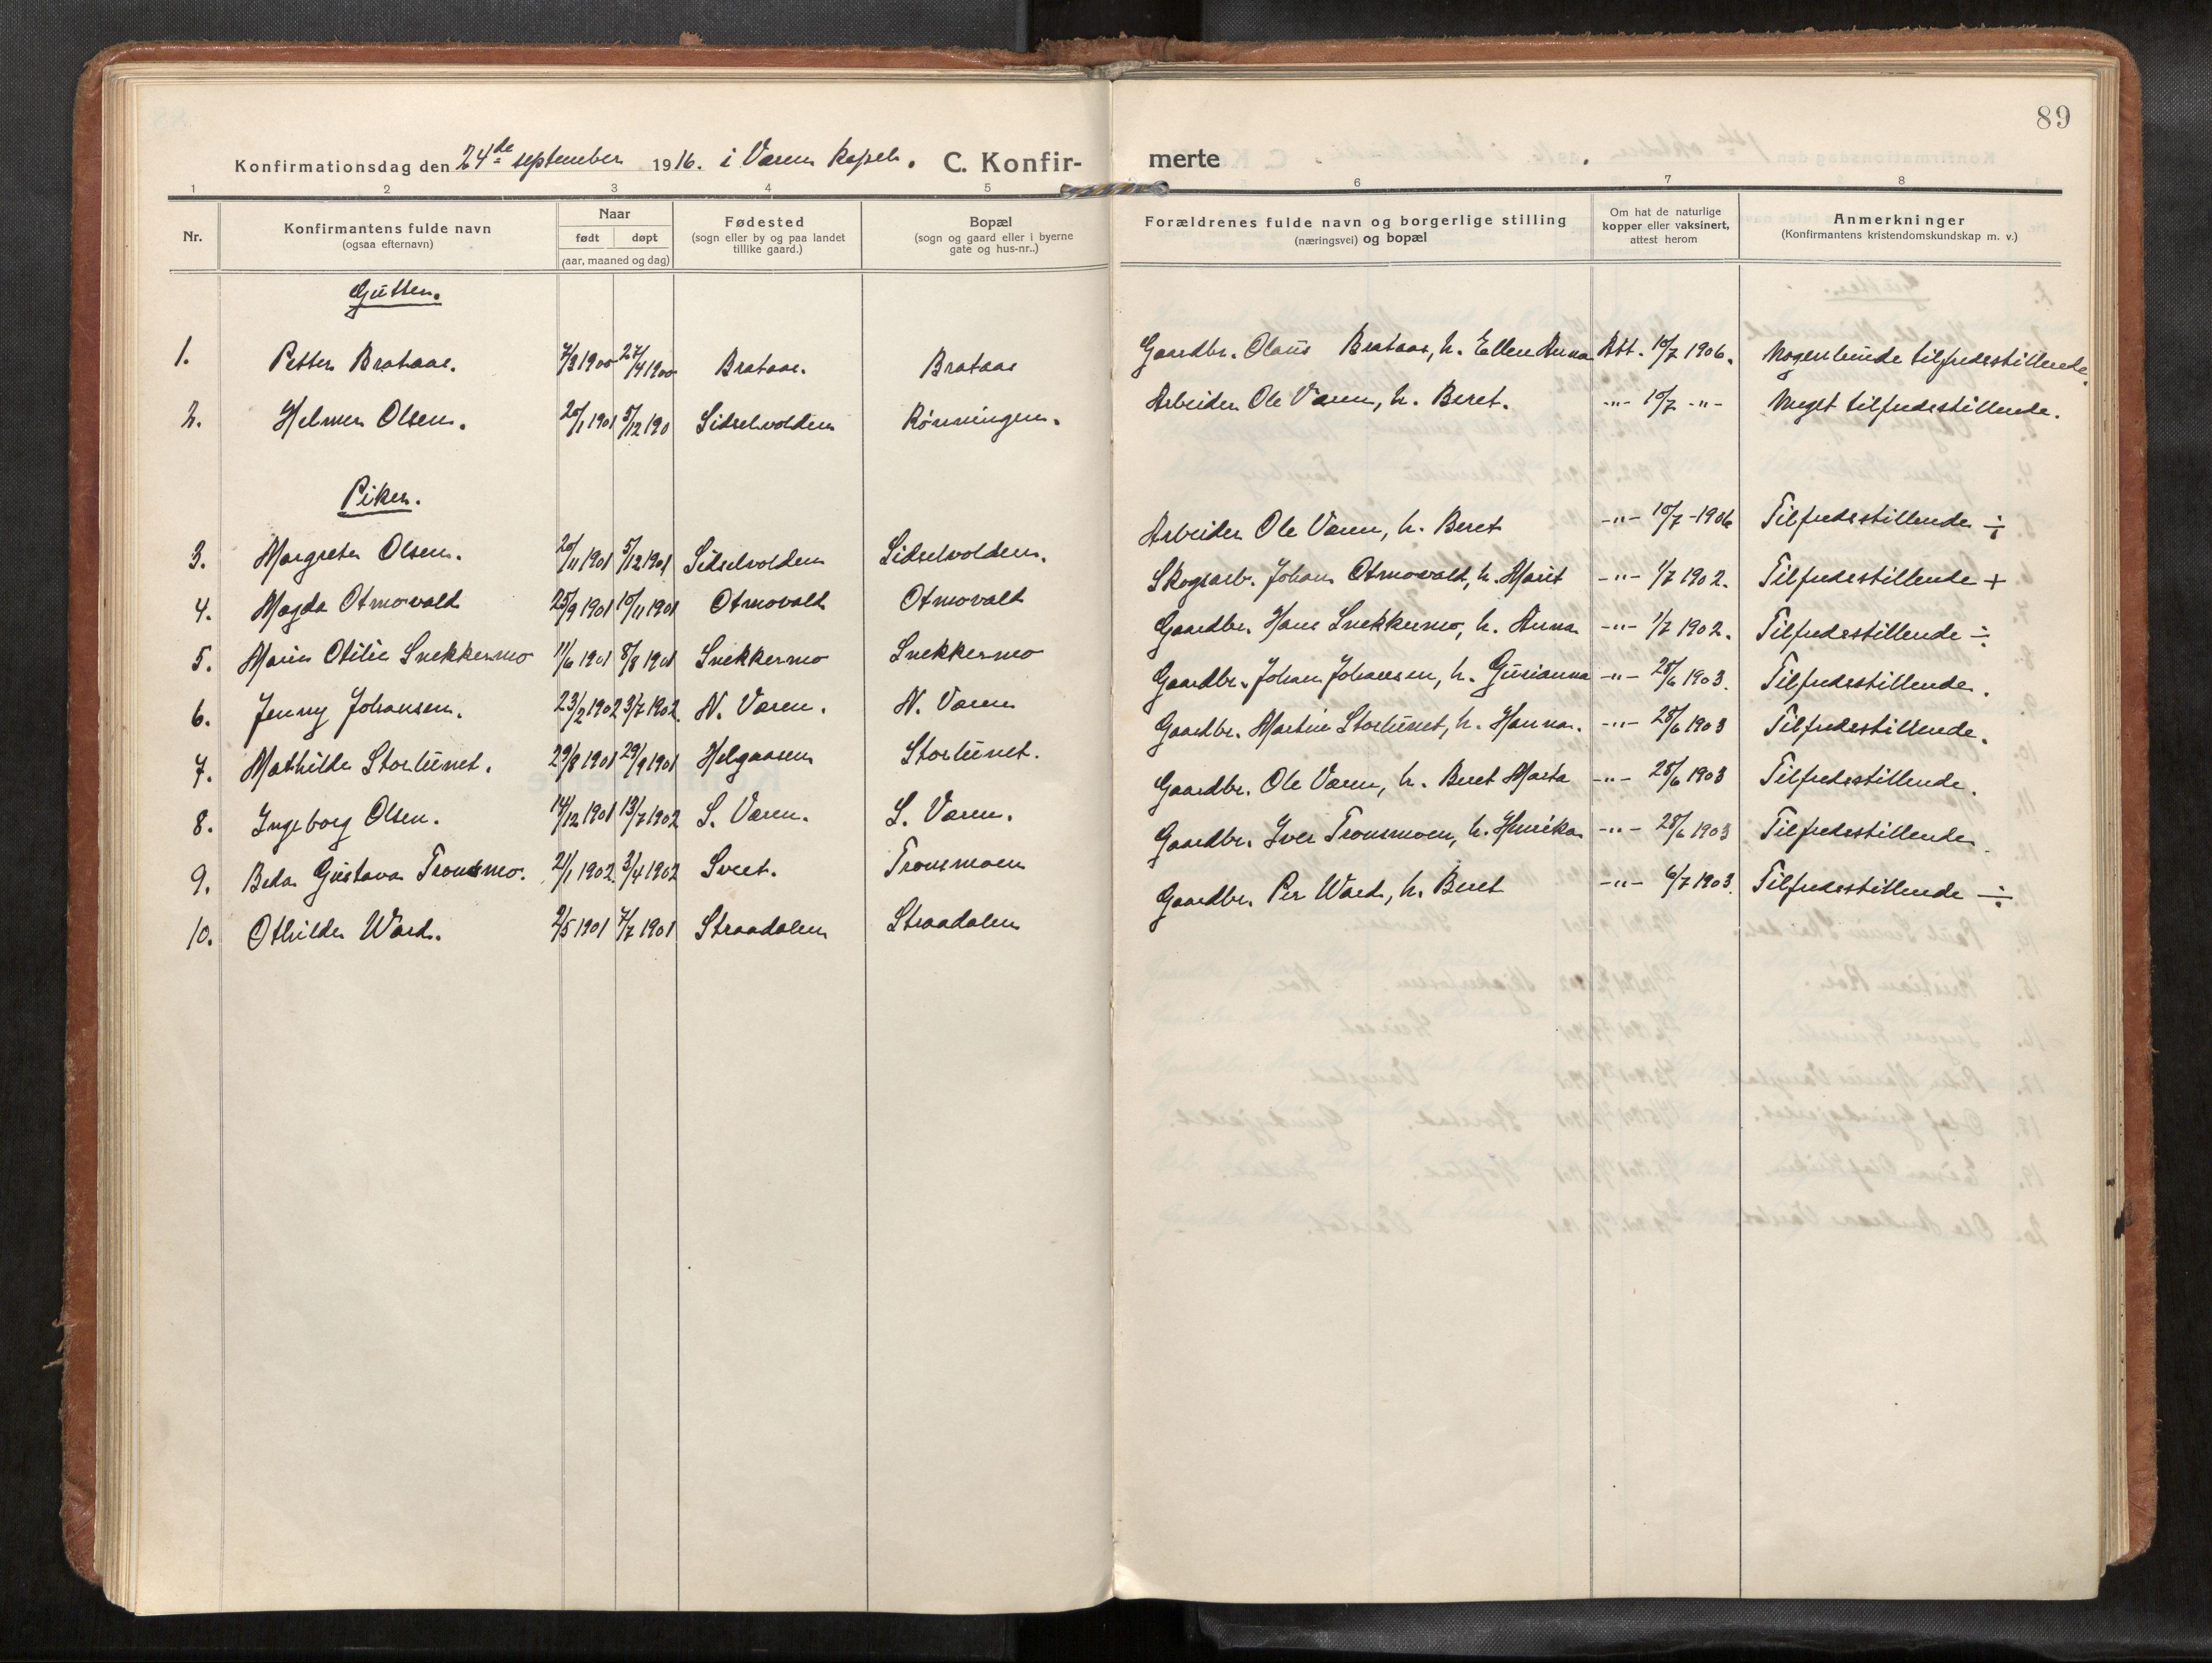 SAT, Verdal sokneprestkontor*, Parish register (official) no. 1, 1916-1928, p. 89